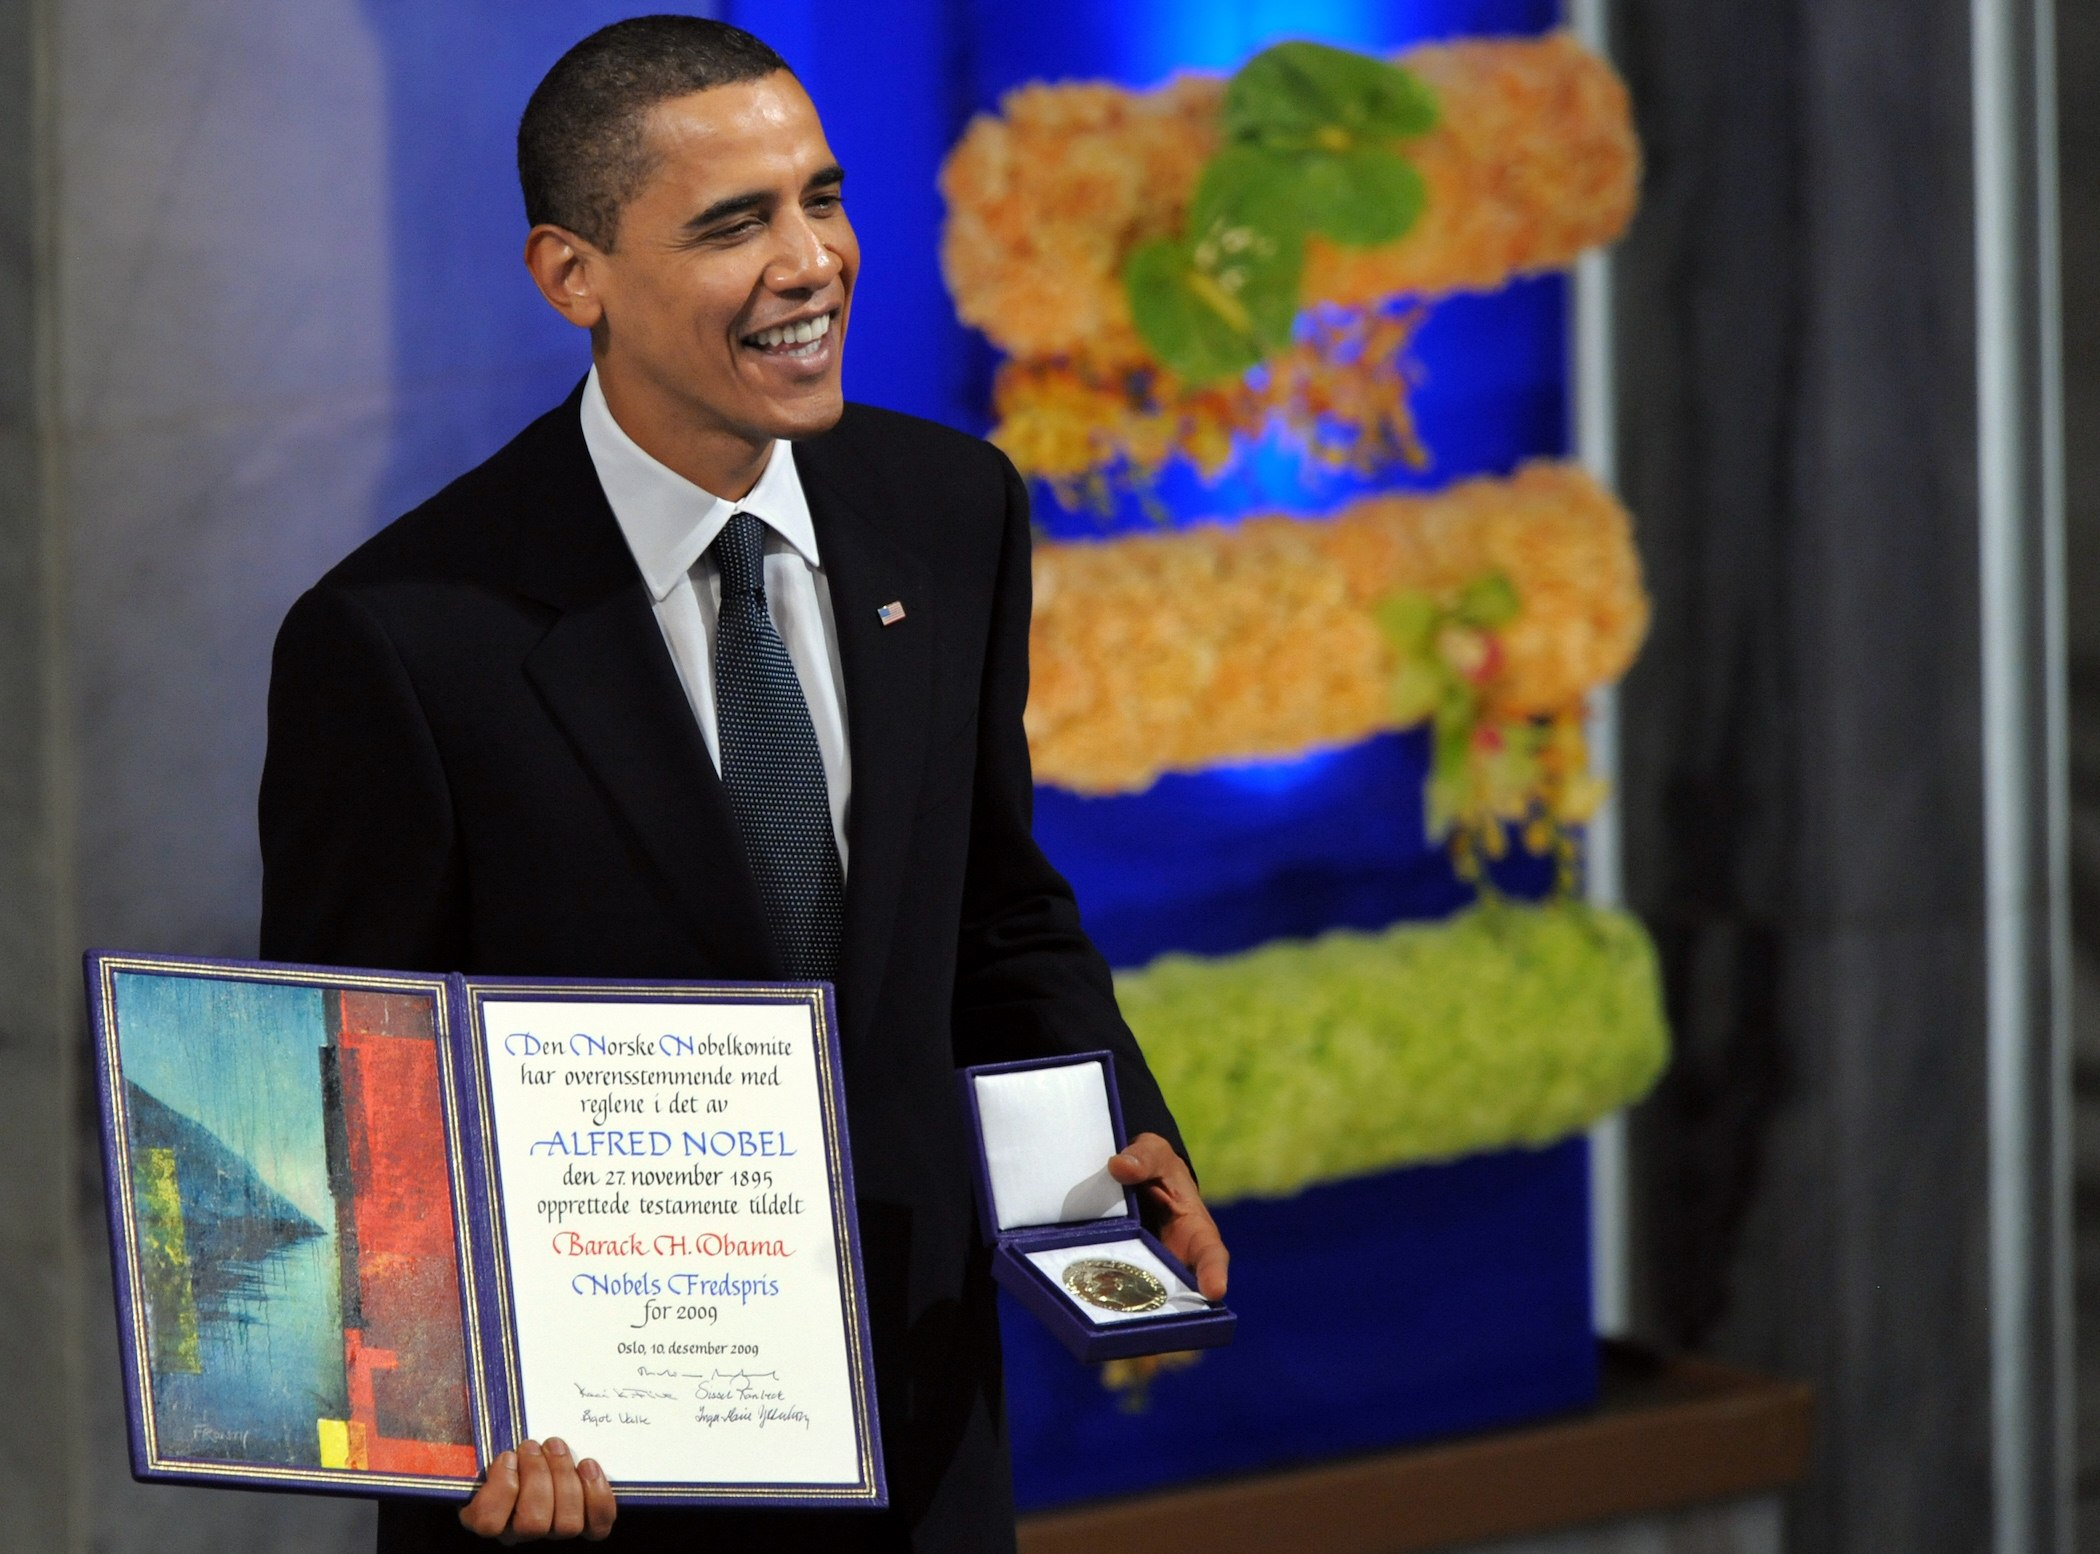 Barack Obama Friedensnobelpreis